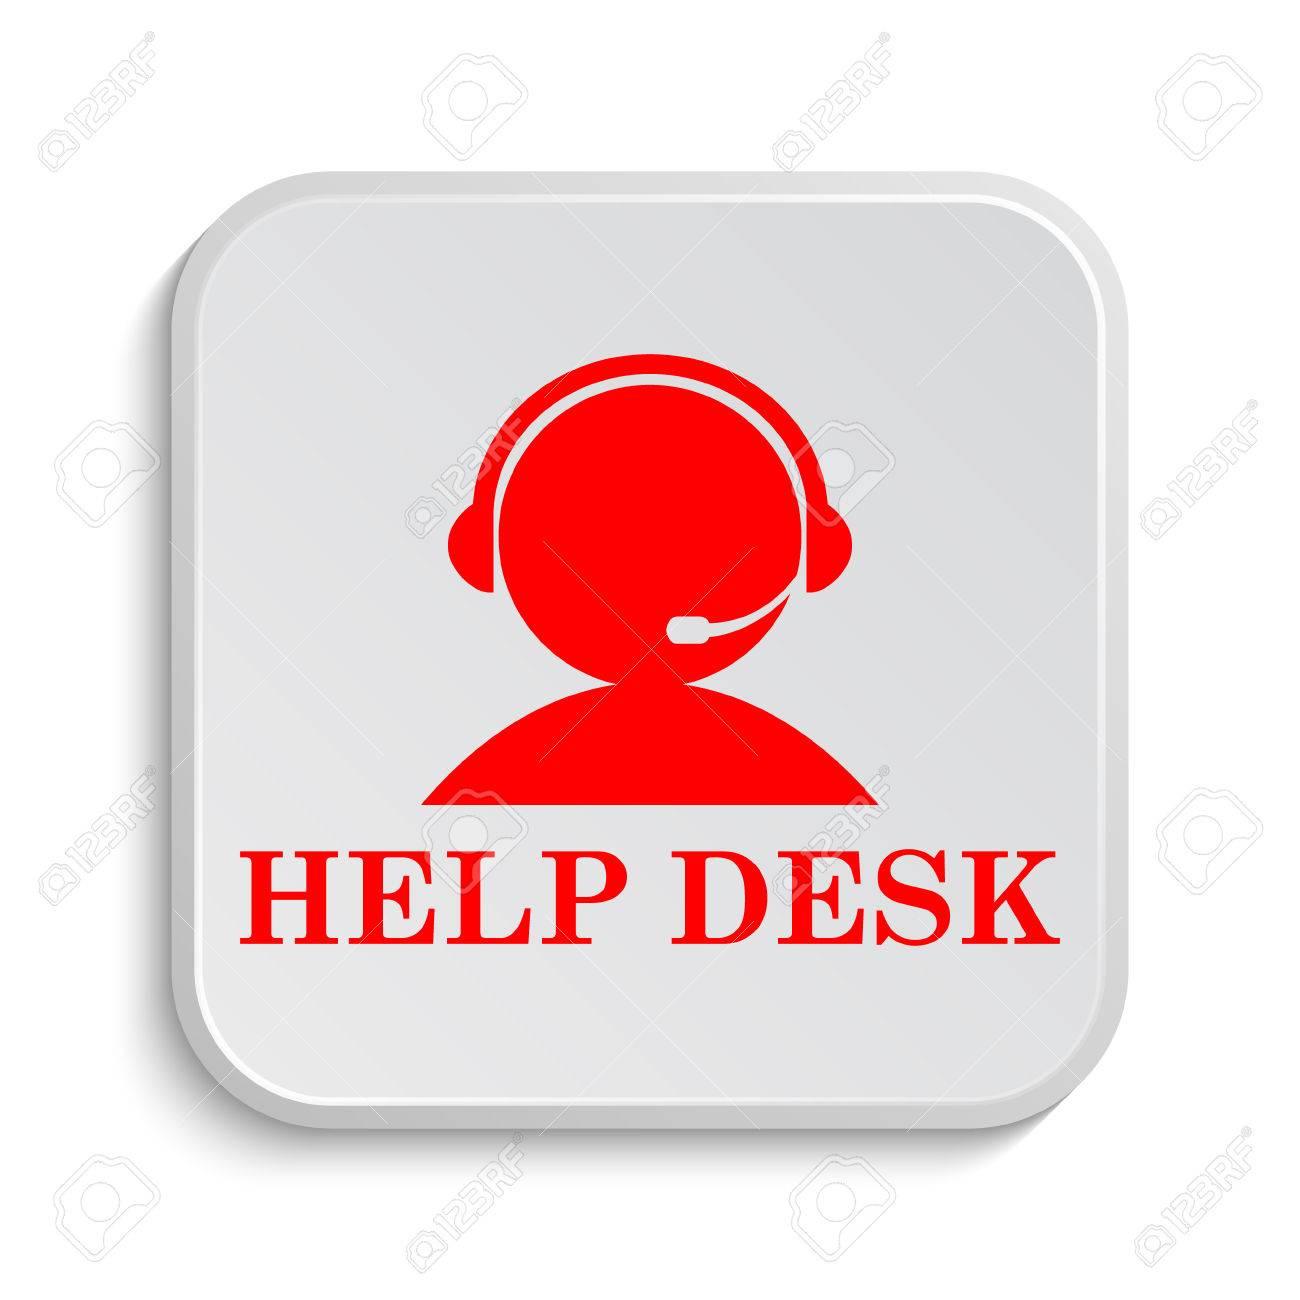 Helpdesk Icon. Internet Button On White Background. Stock Photo   45746595